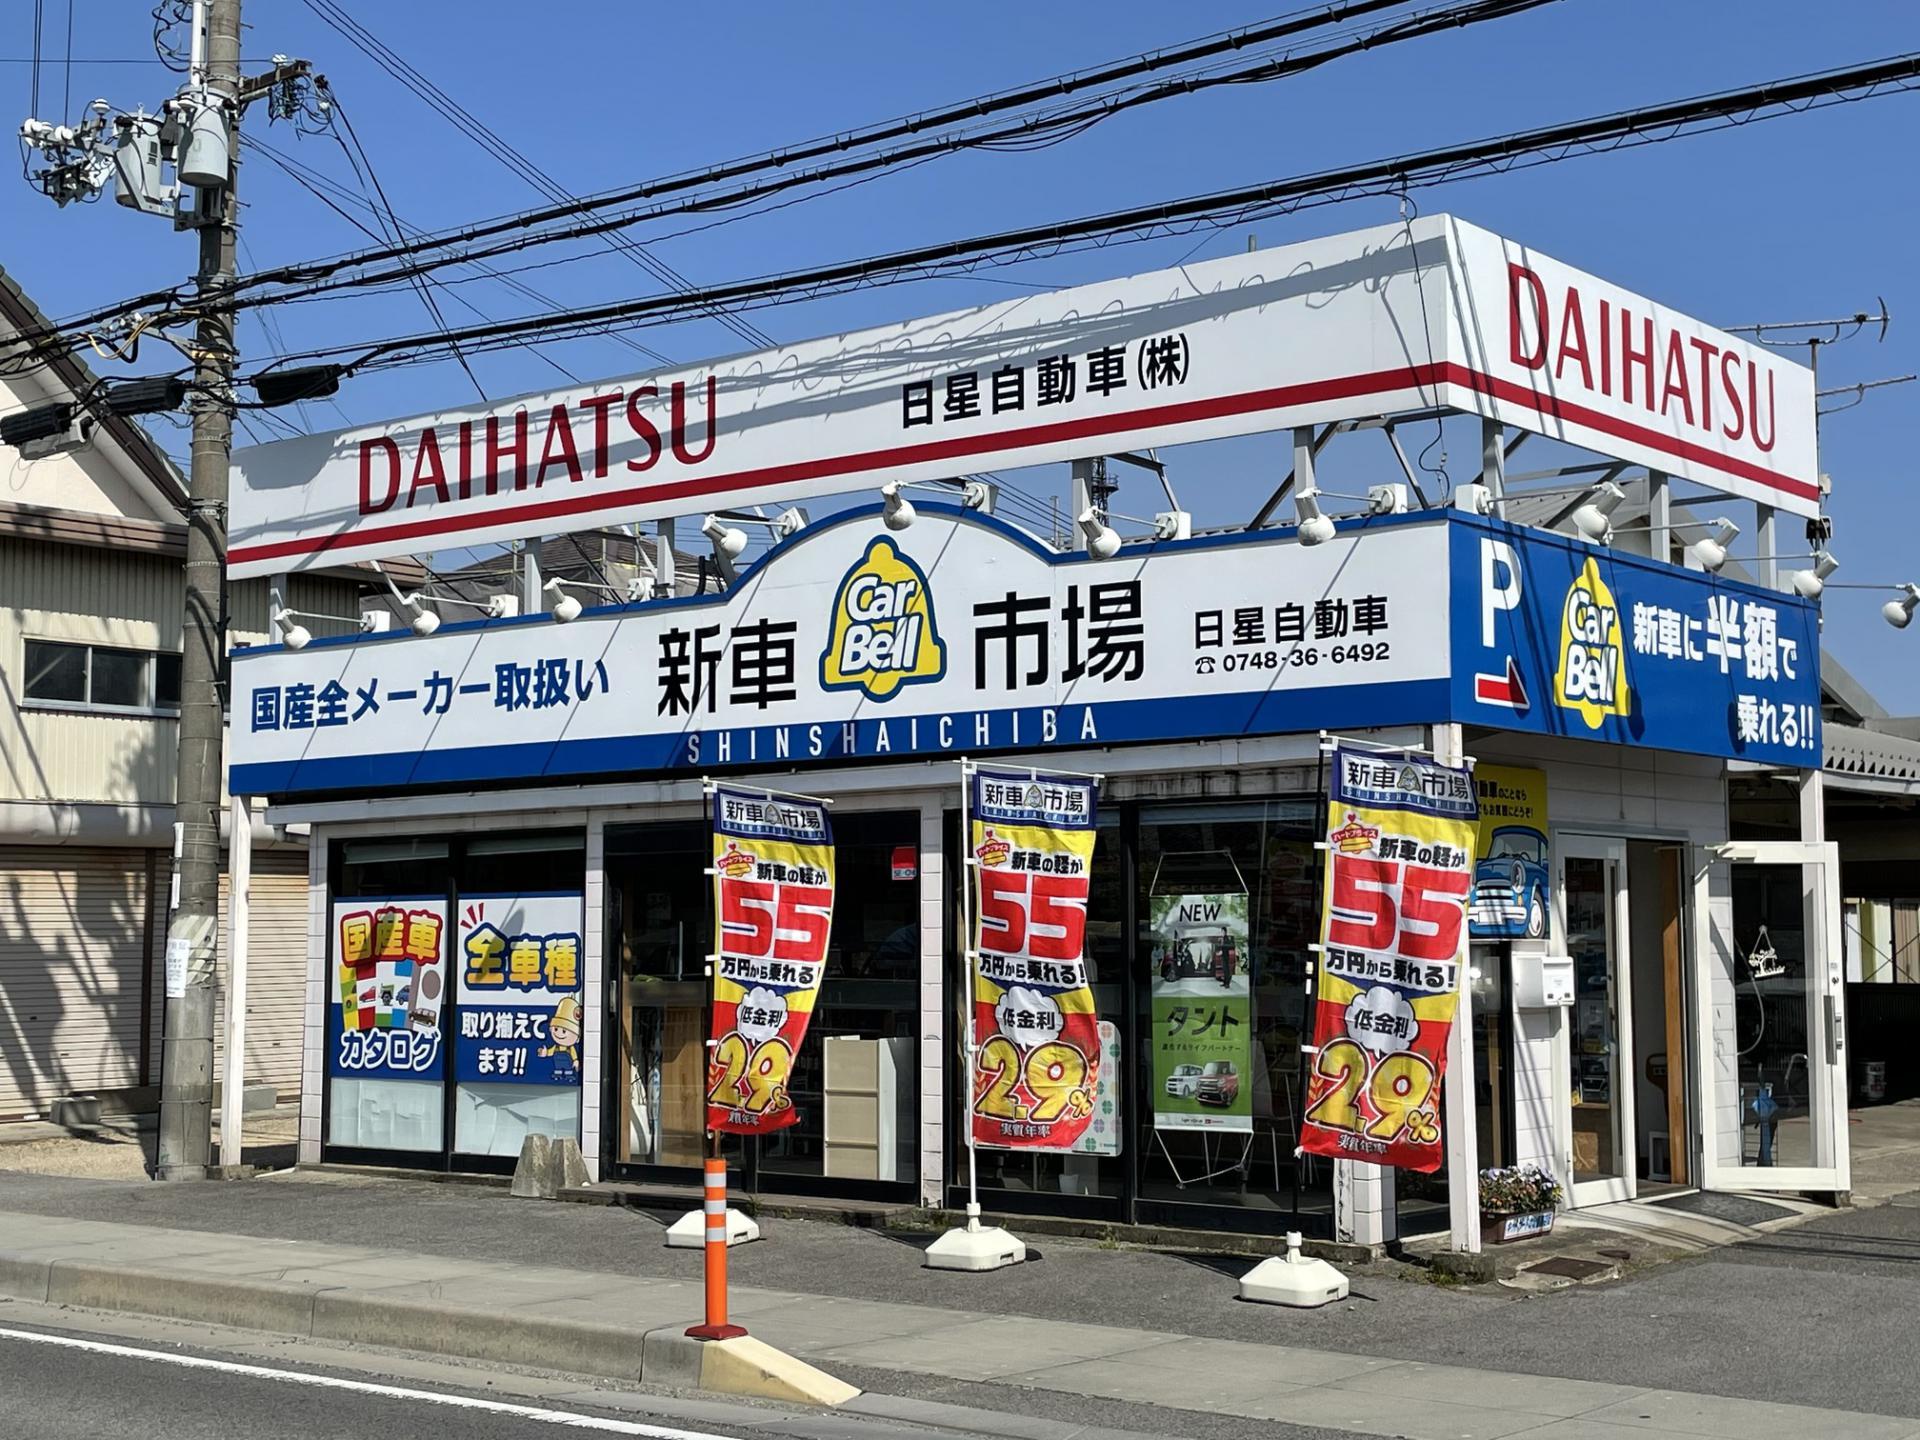 日星自動車 新車市場 近江八幡江頭店